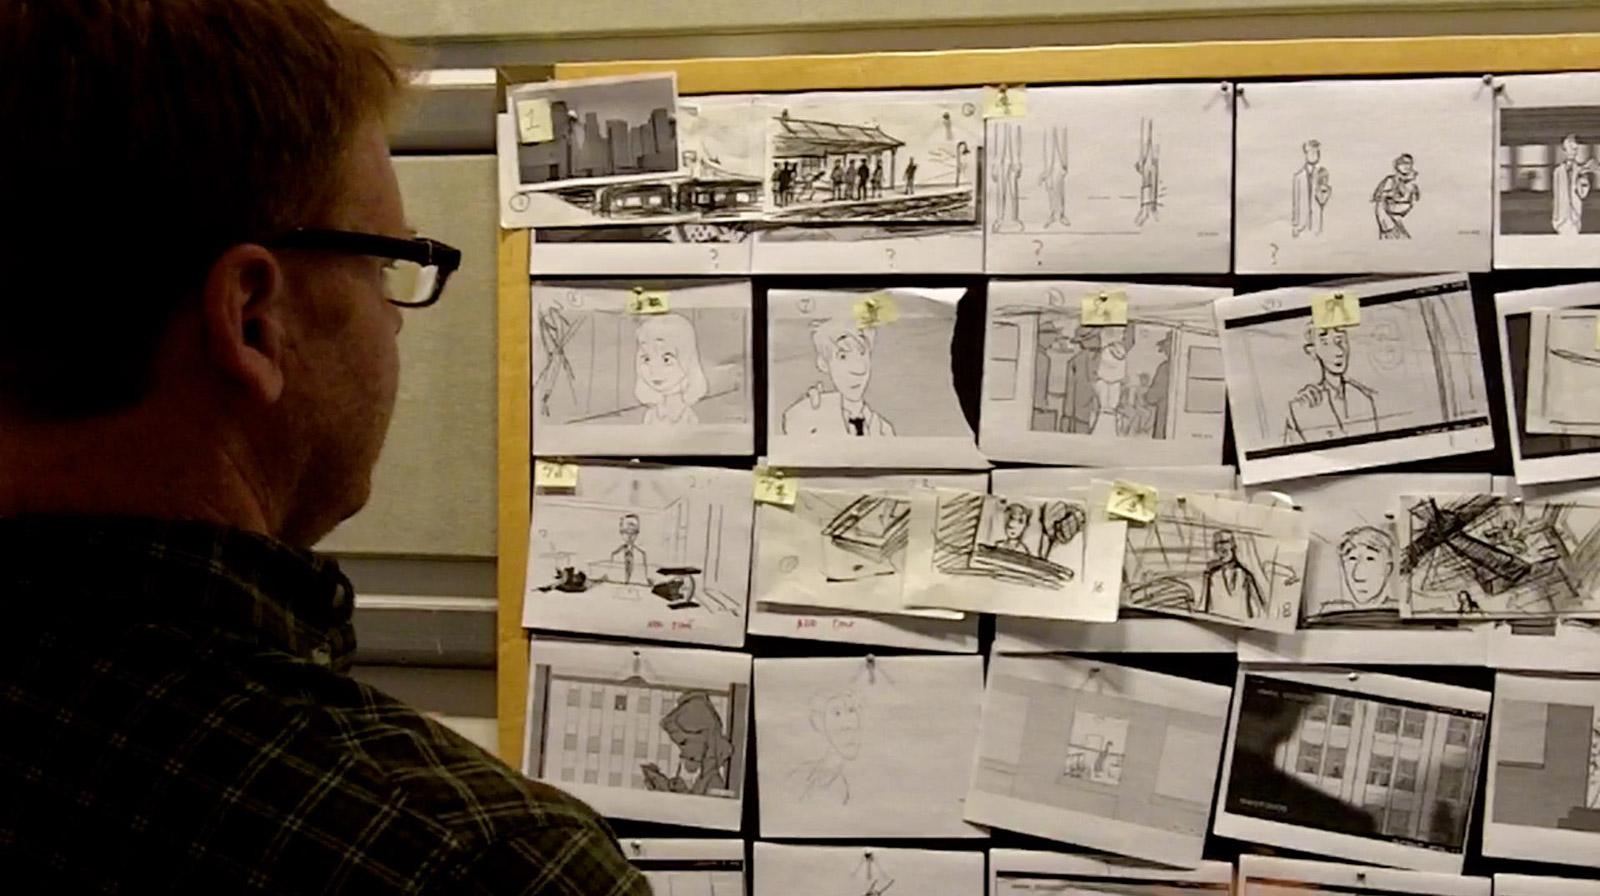 89-paperman-storyboard.jpg